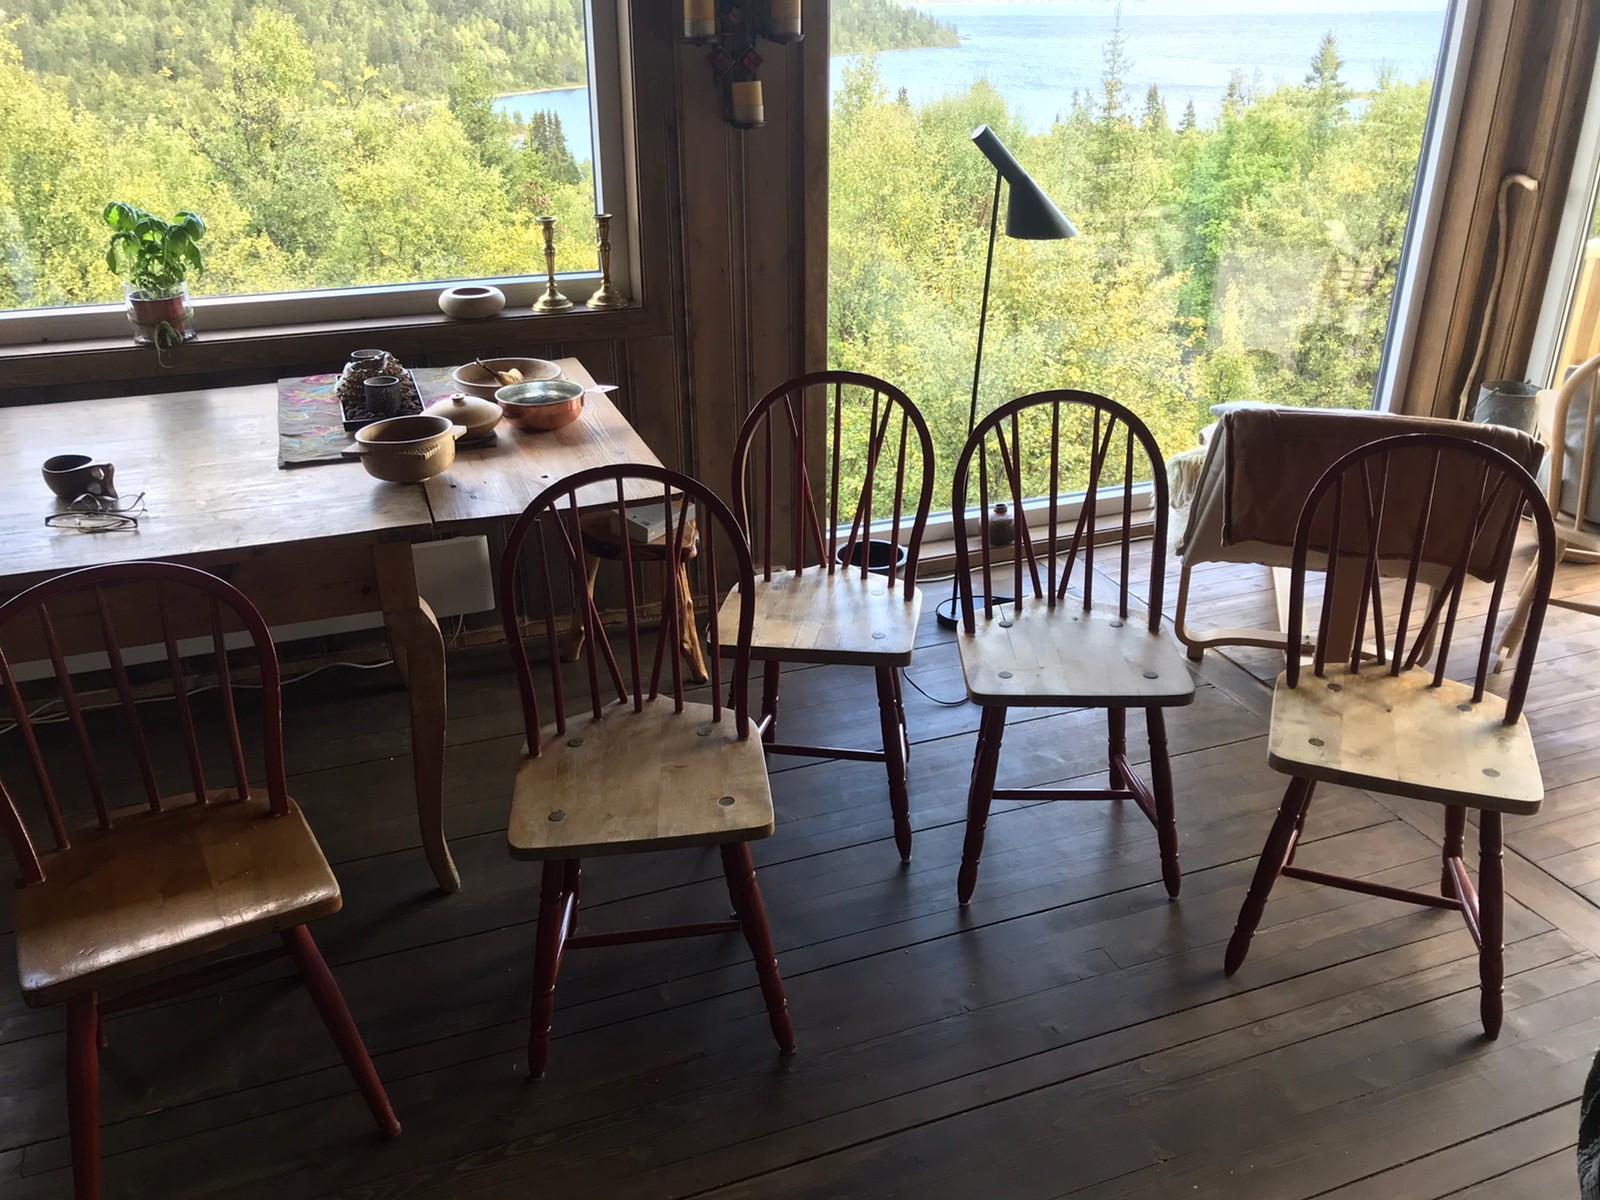 Budalsstoler og bord til salgs Nå halv pris! | FINN.no